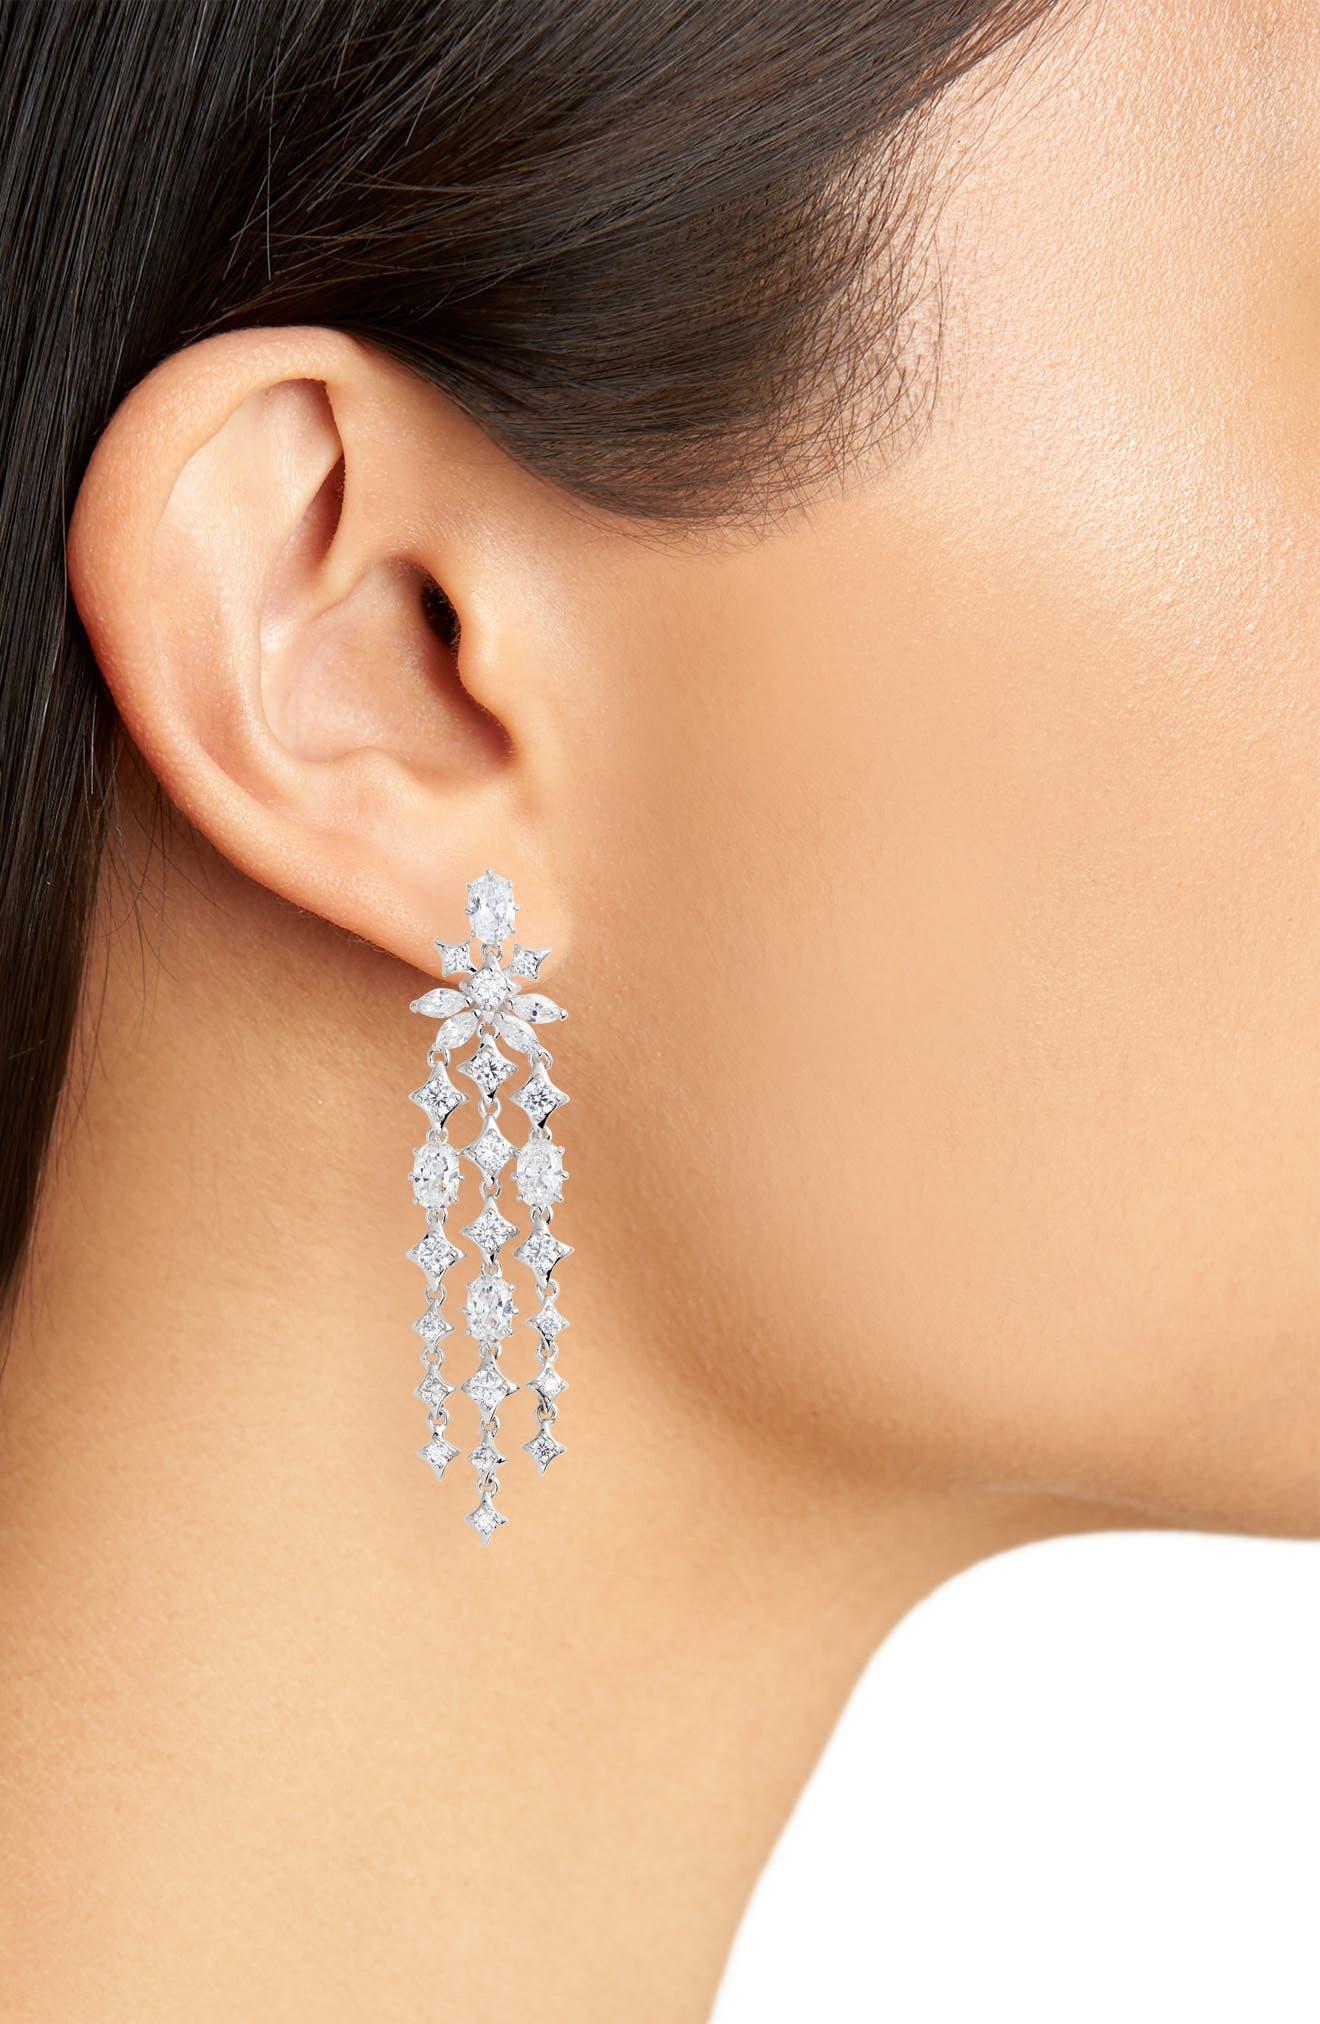 Boho Linear Drop Earrings,                             Alternate thumbnail 2, color,                             040